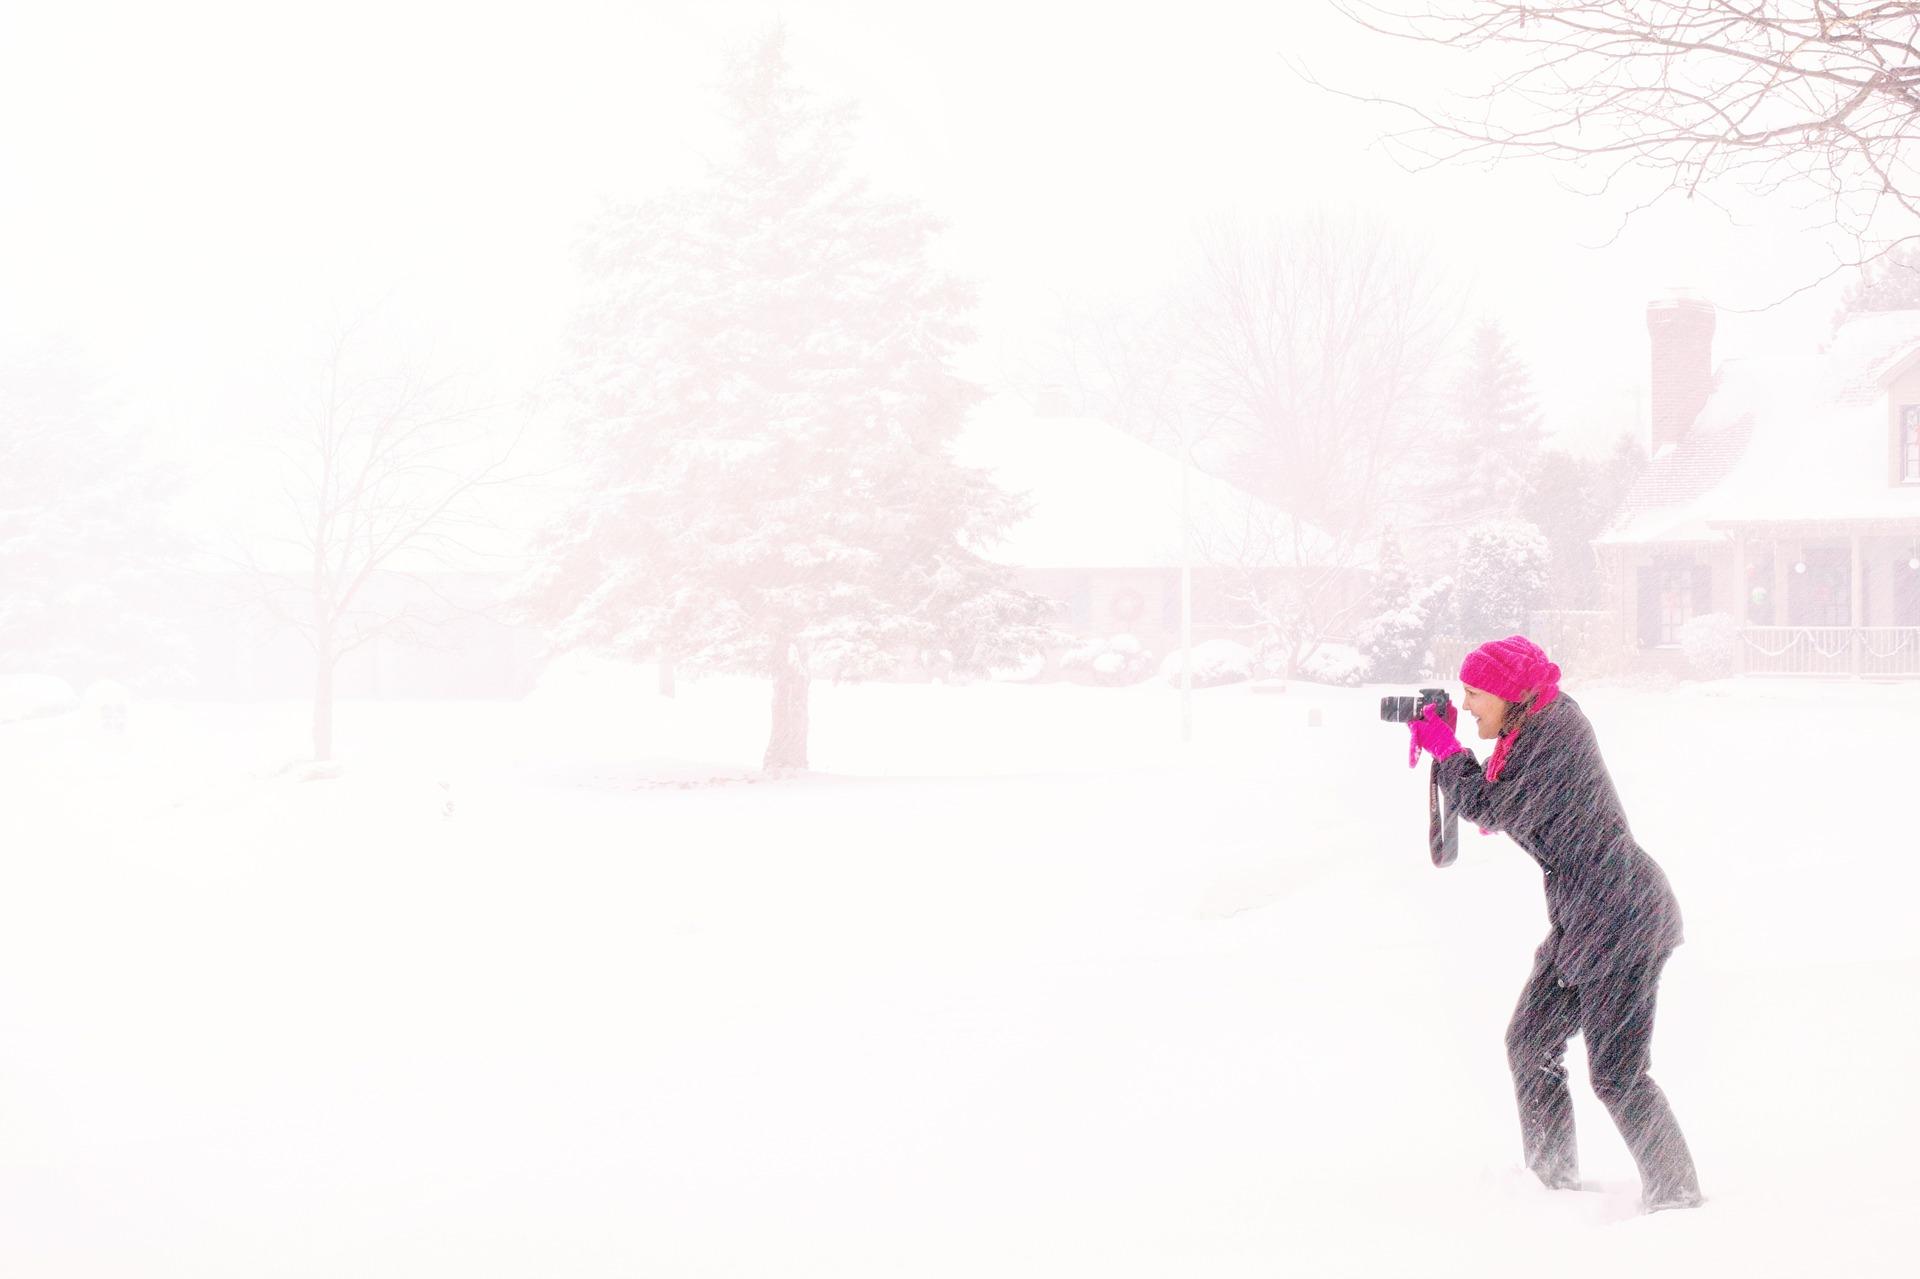 зима метель пиксабай